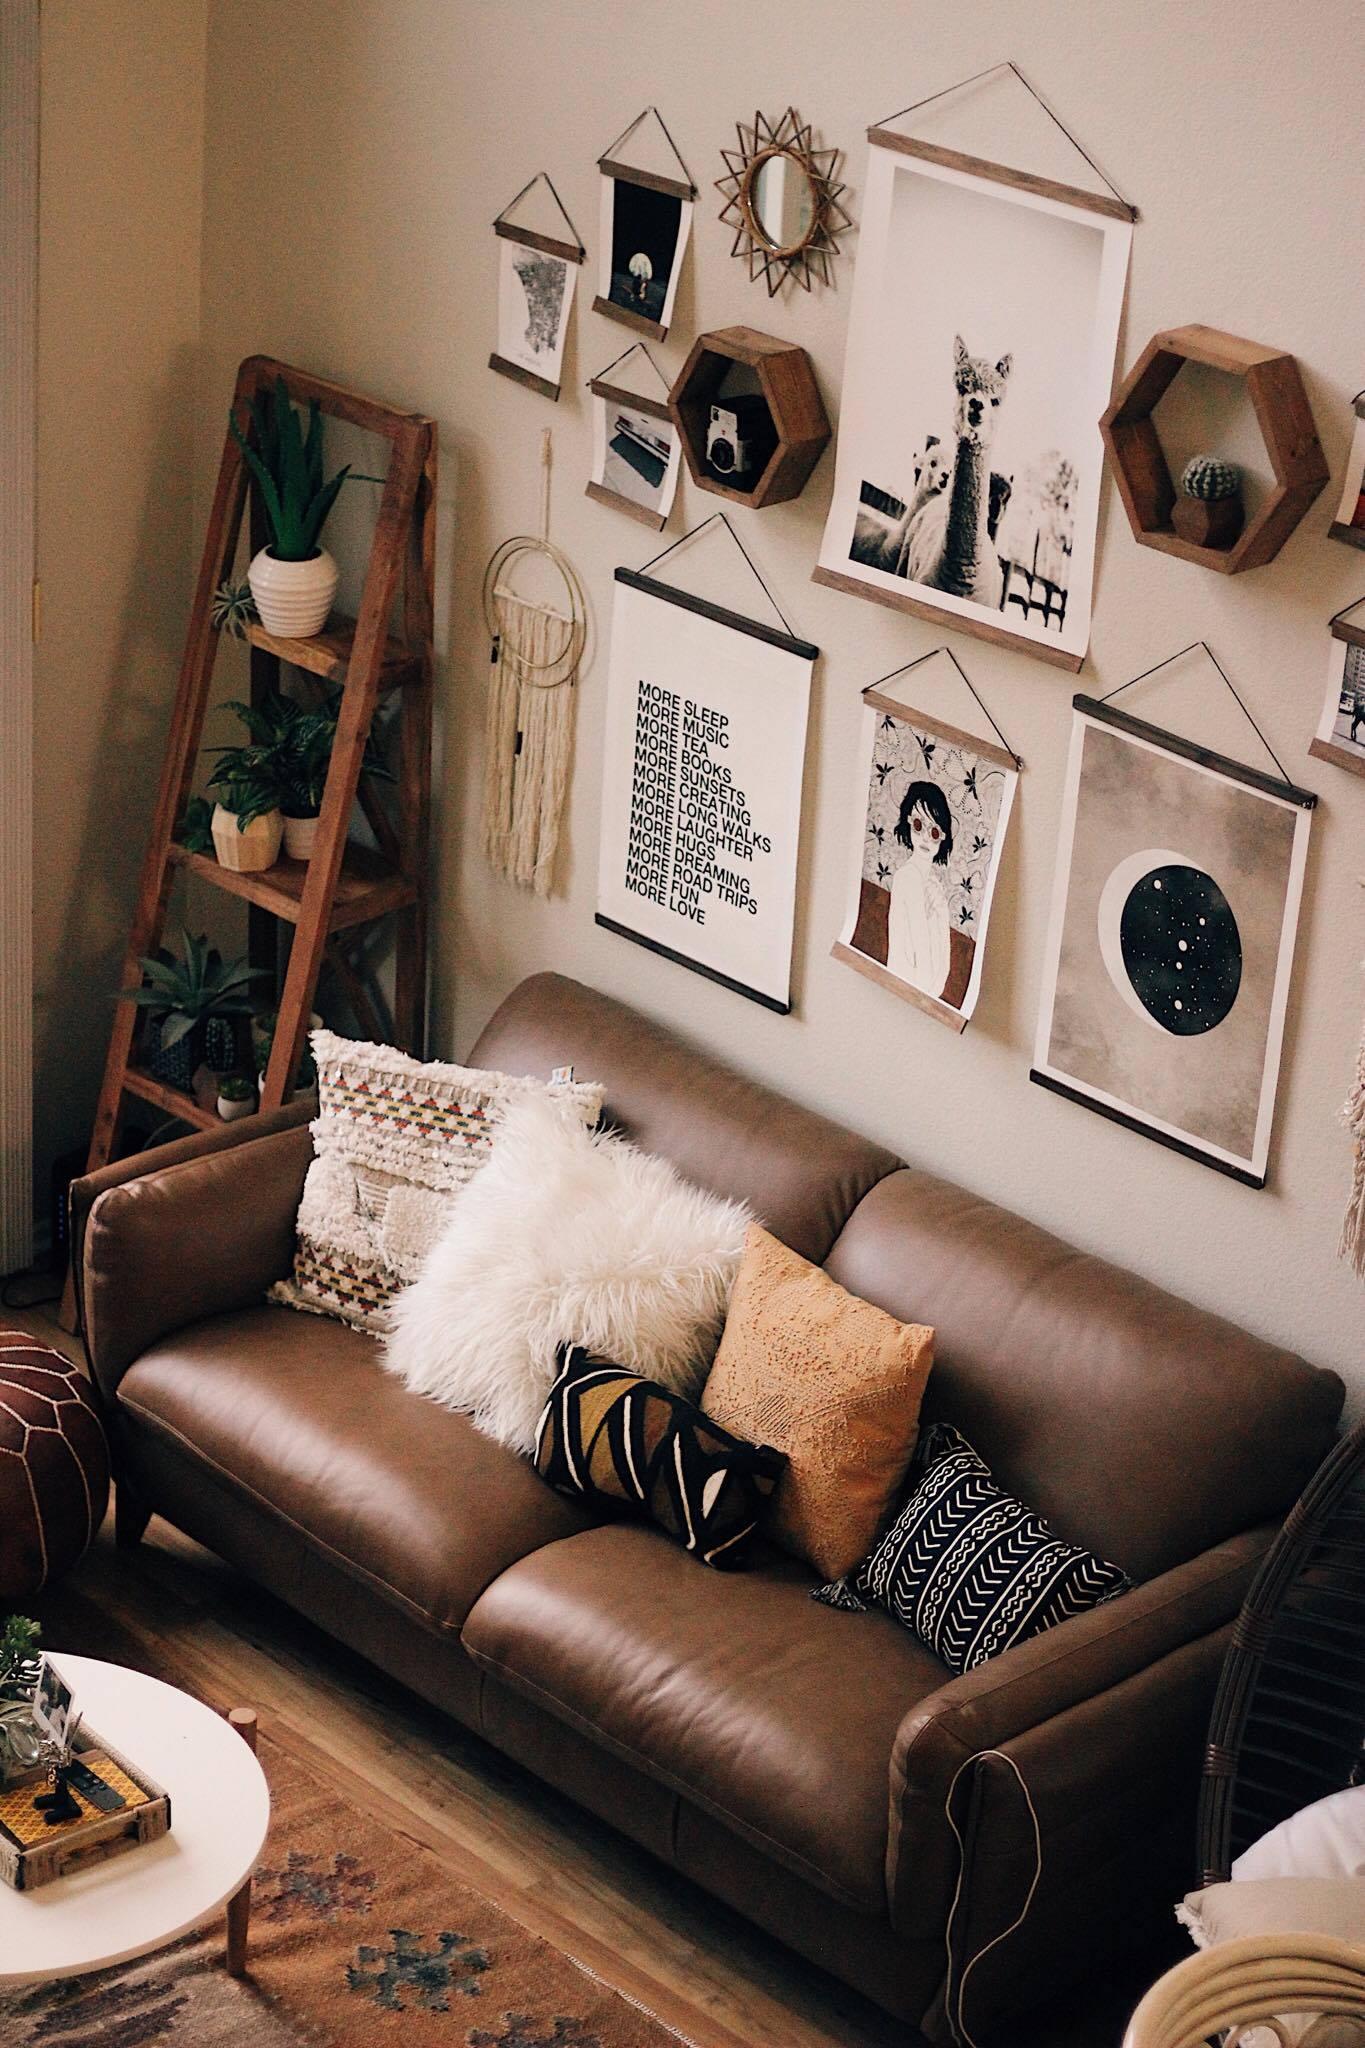 Diy Wooden Dowel Printphoto Hanger Suzy Shattuck